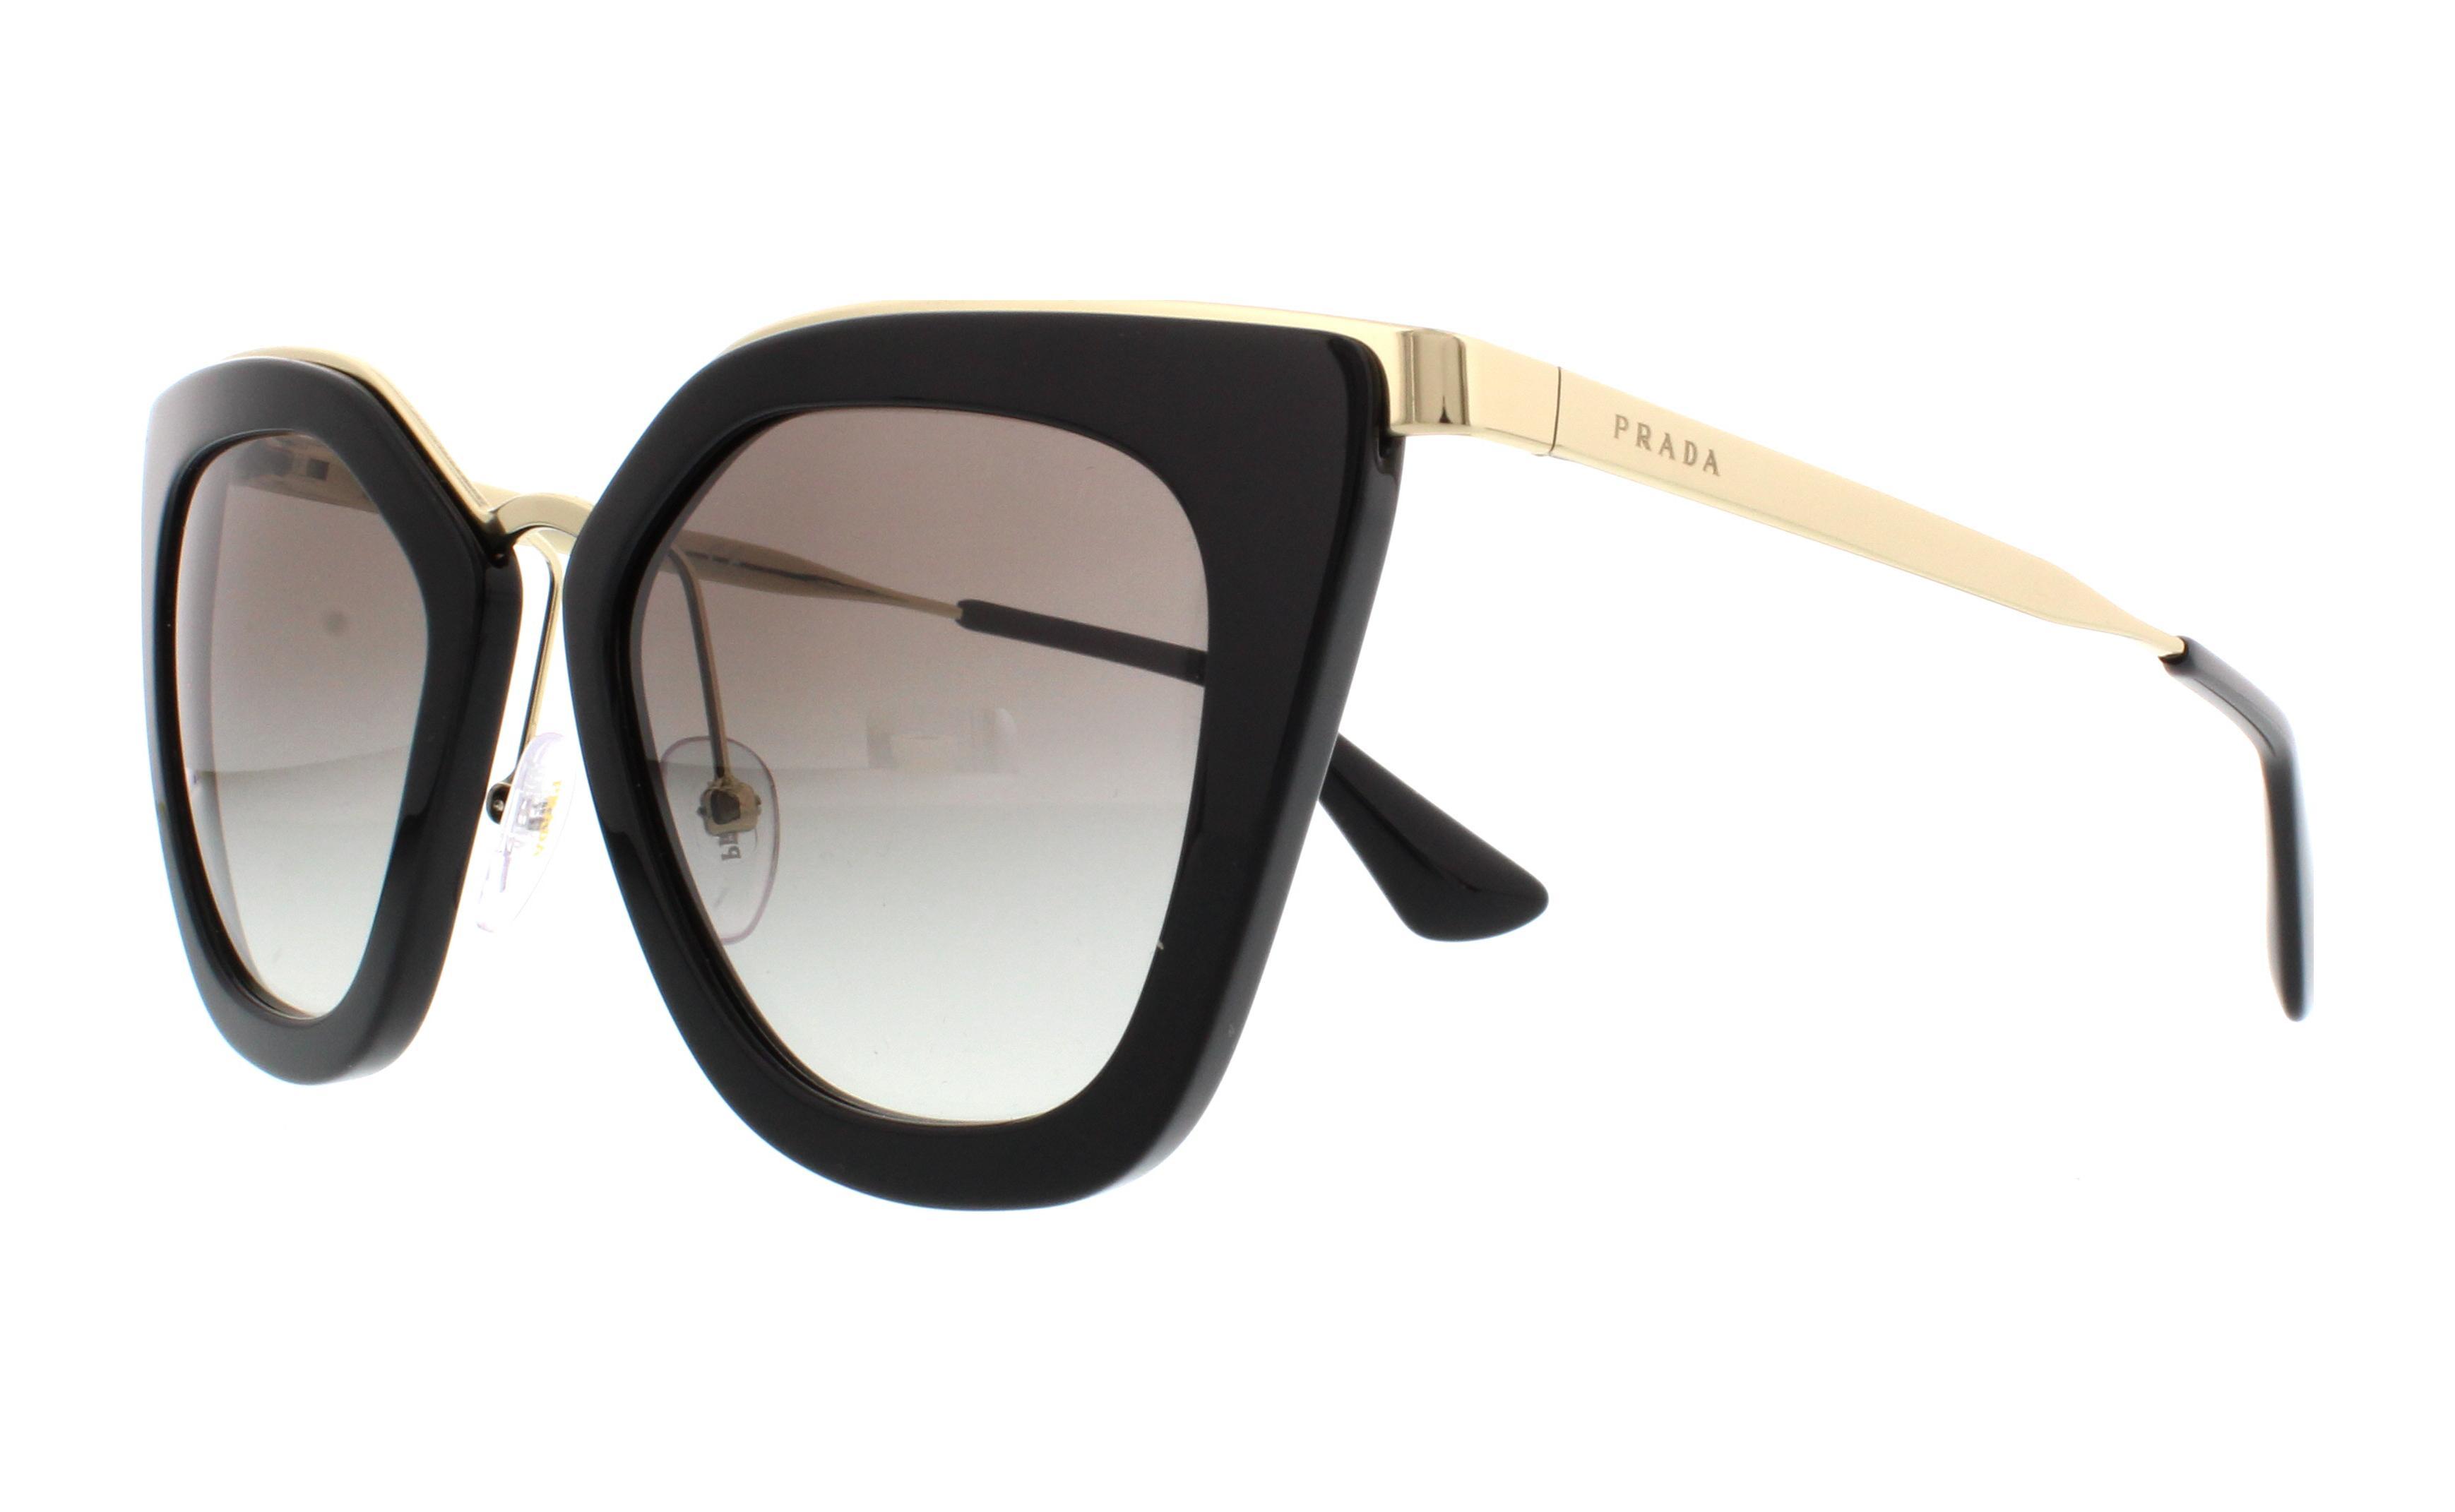 Prada PR53SS Sonnenbrille Schwarz und Gold 1AB0A7 52mm 2x2CNtboEe